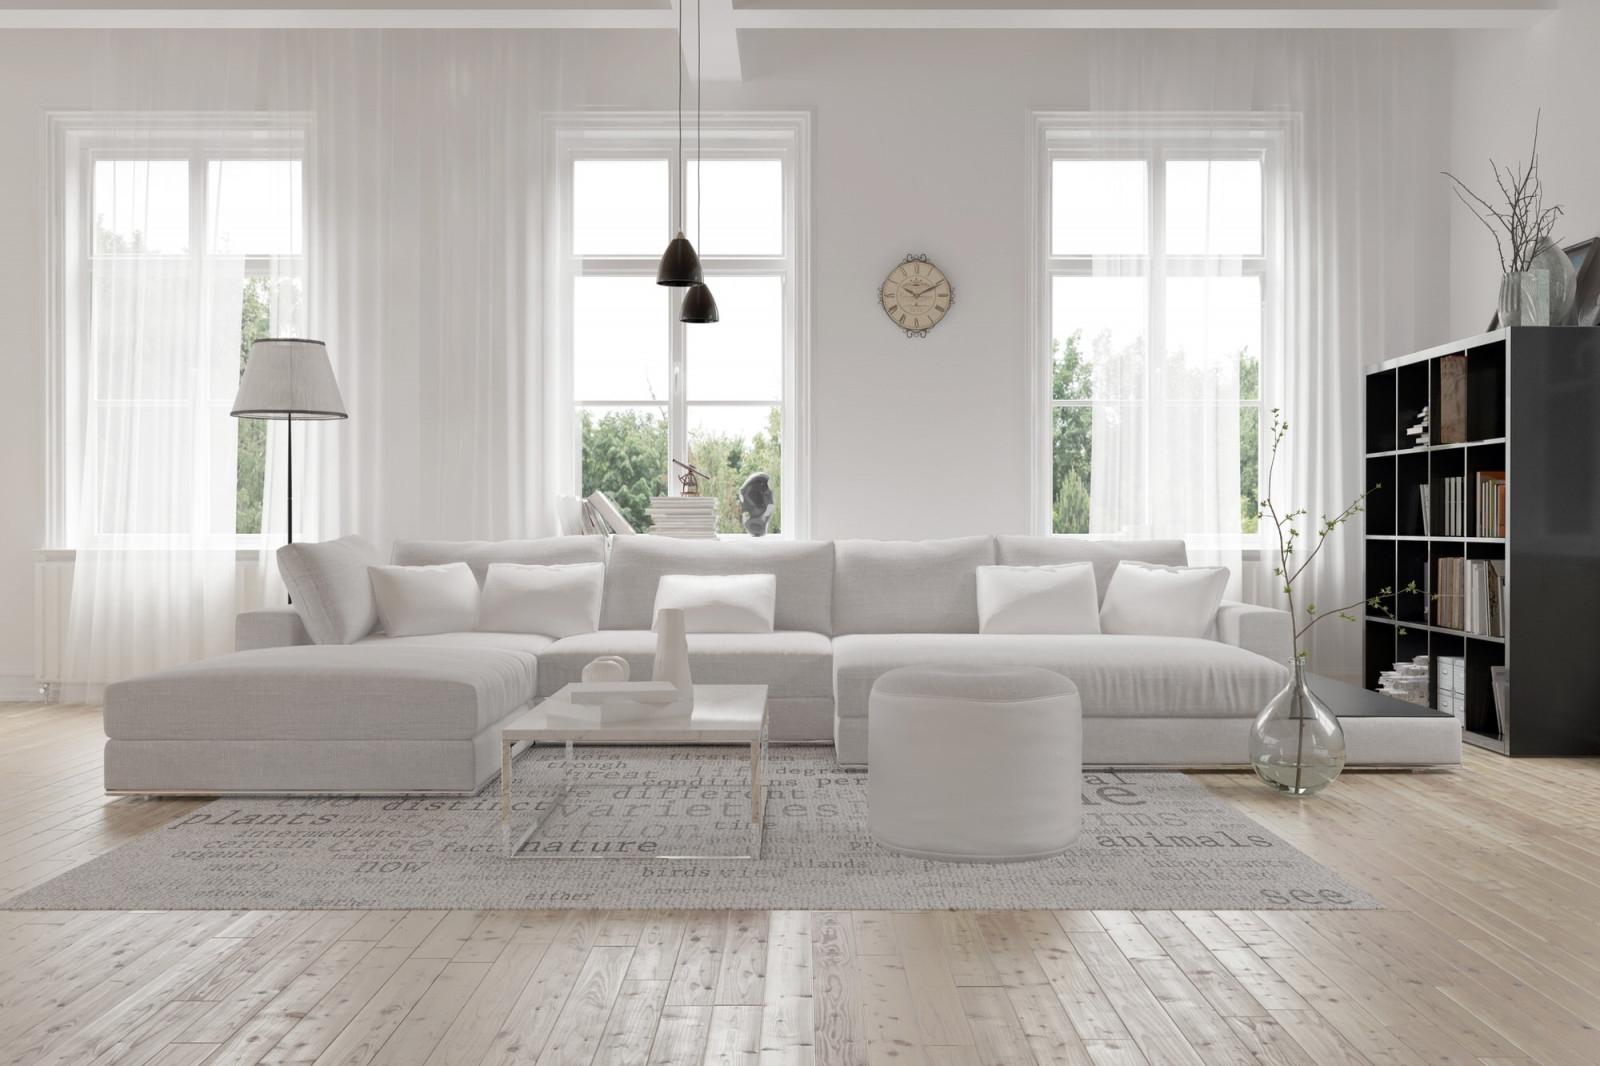 Große Räume Einrichten Und Gestalten – So Geht's  Heimhelden von Großes Wohnzimmer Einrichten Bild